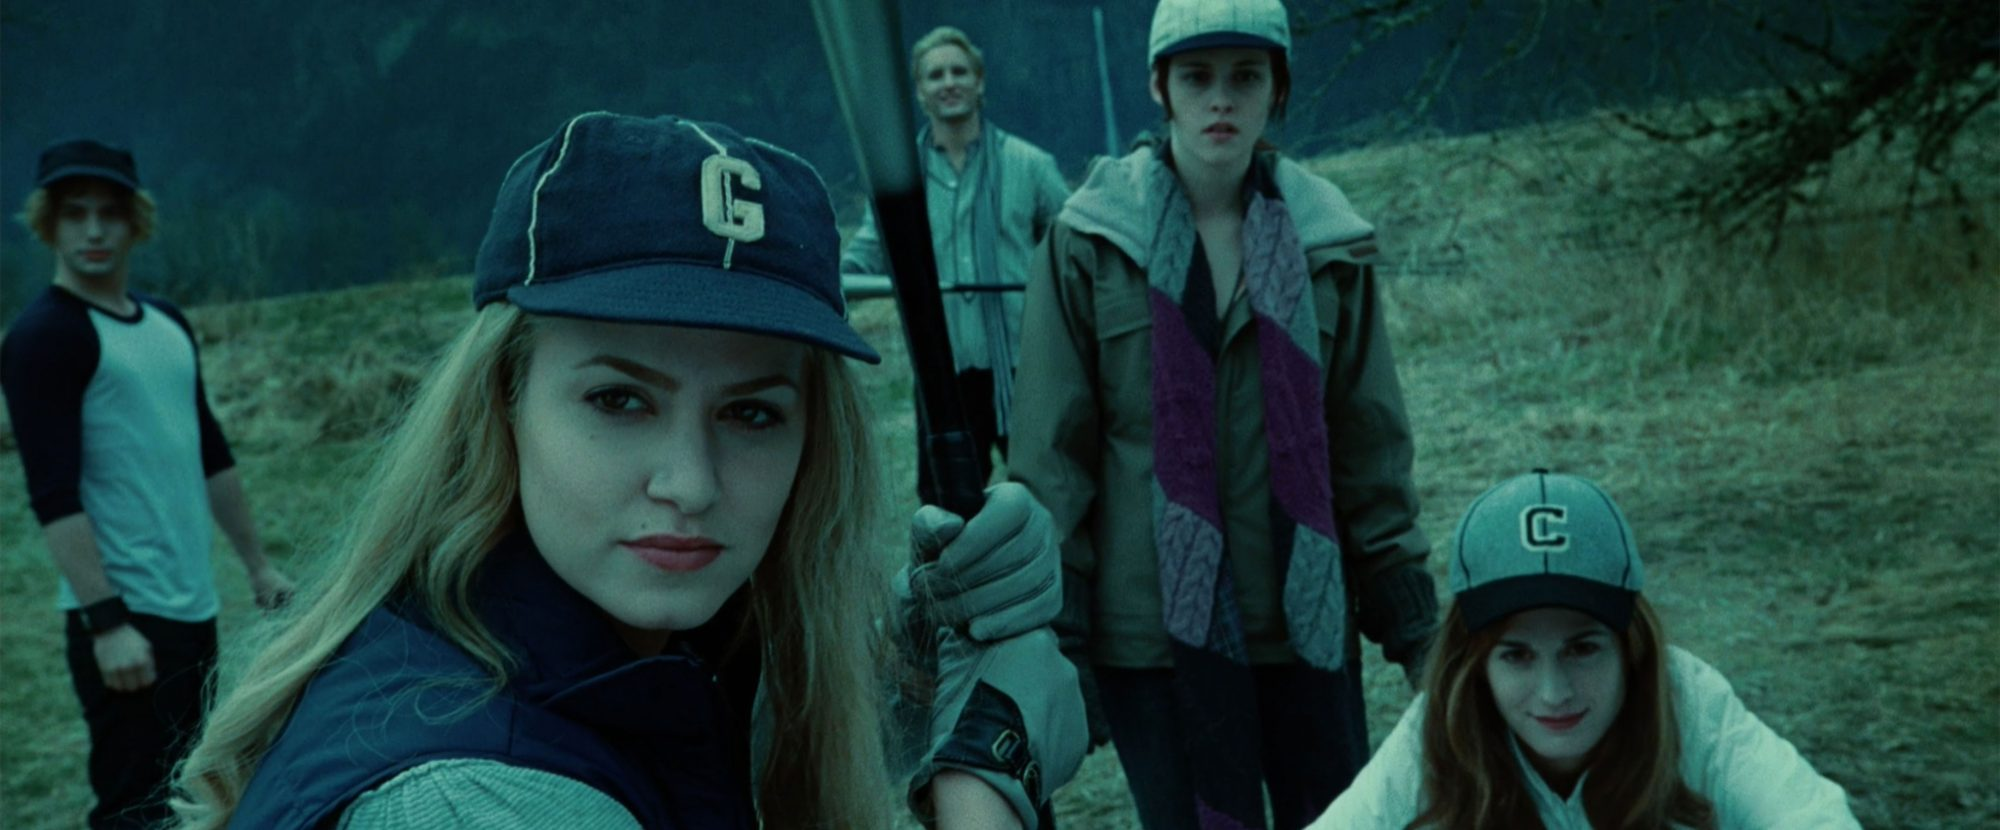 Twilight (2008) (screen grab)CR: Summit